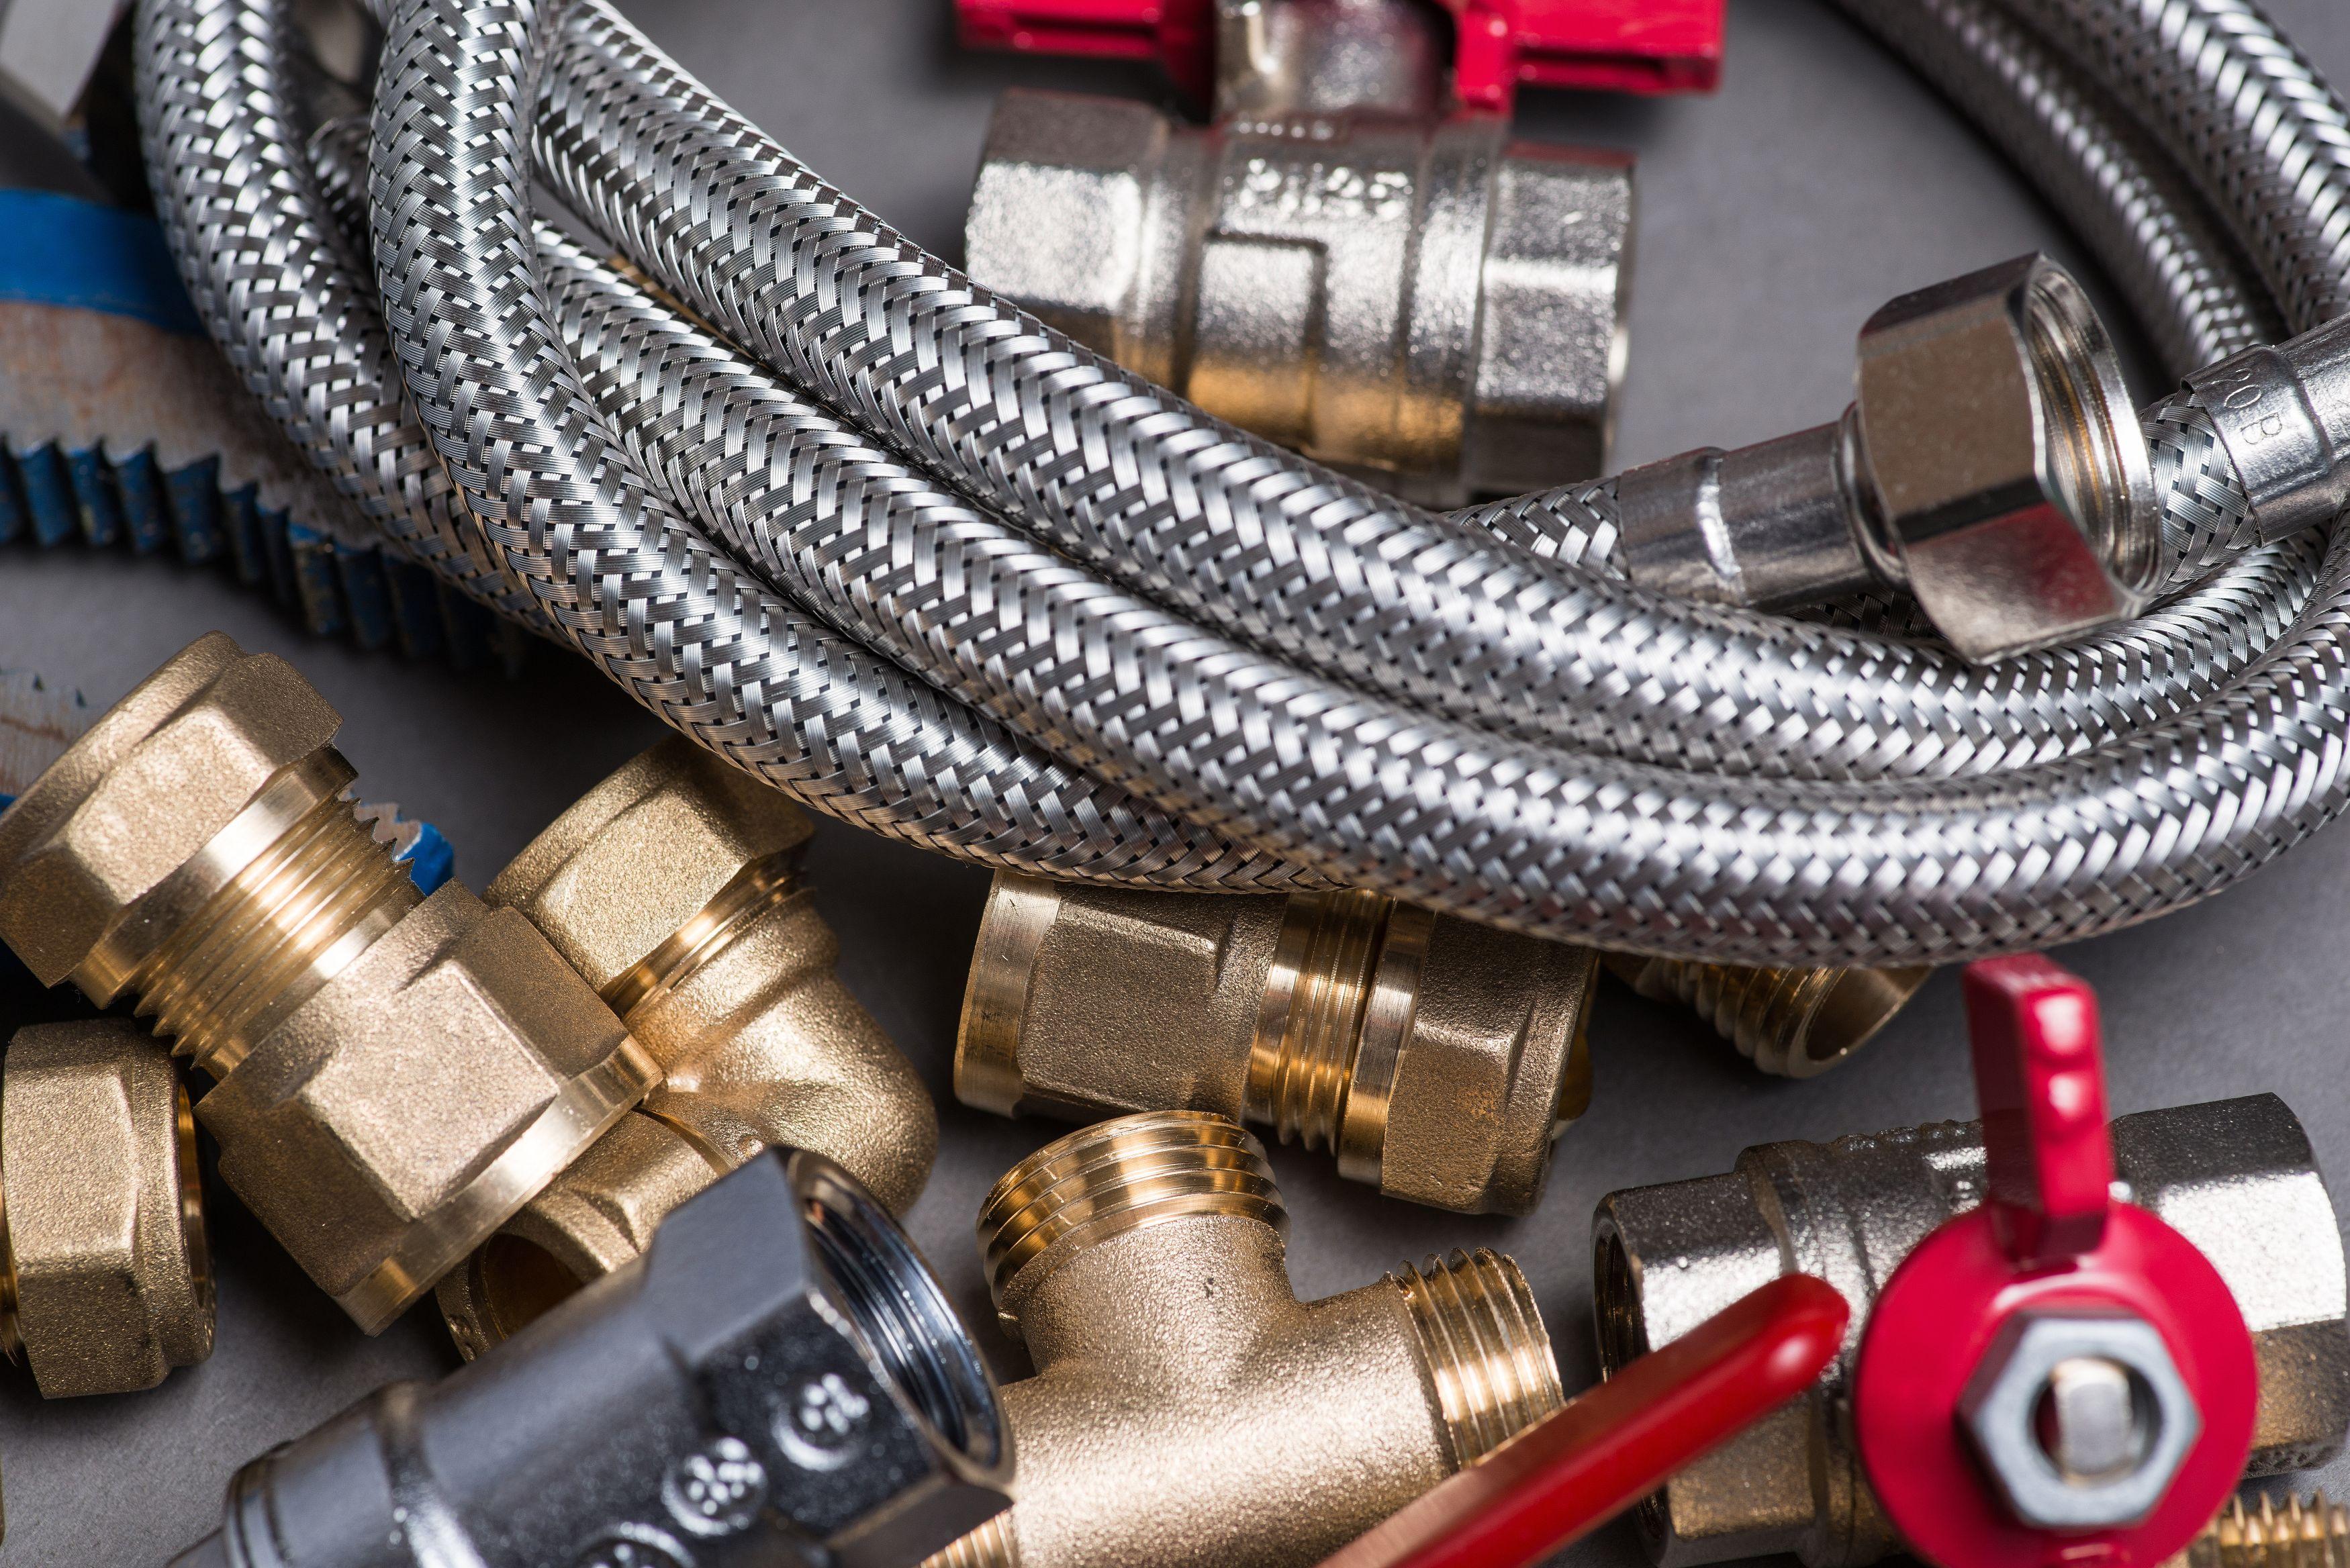 Plumbing Fixtures, Parts, Supplies - Retail